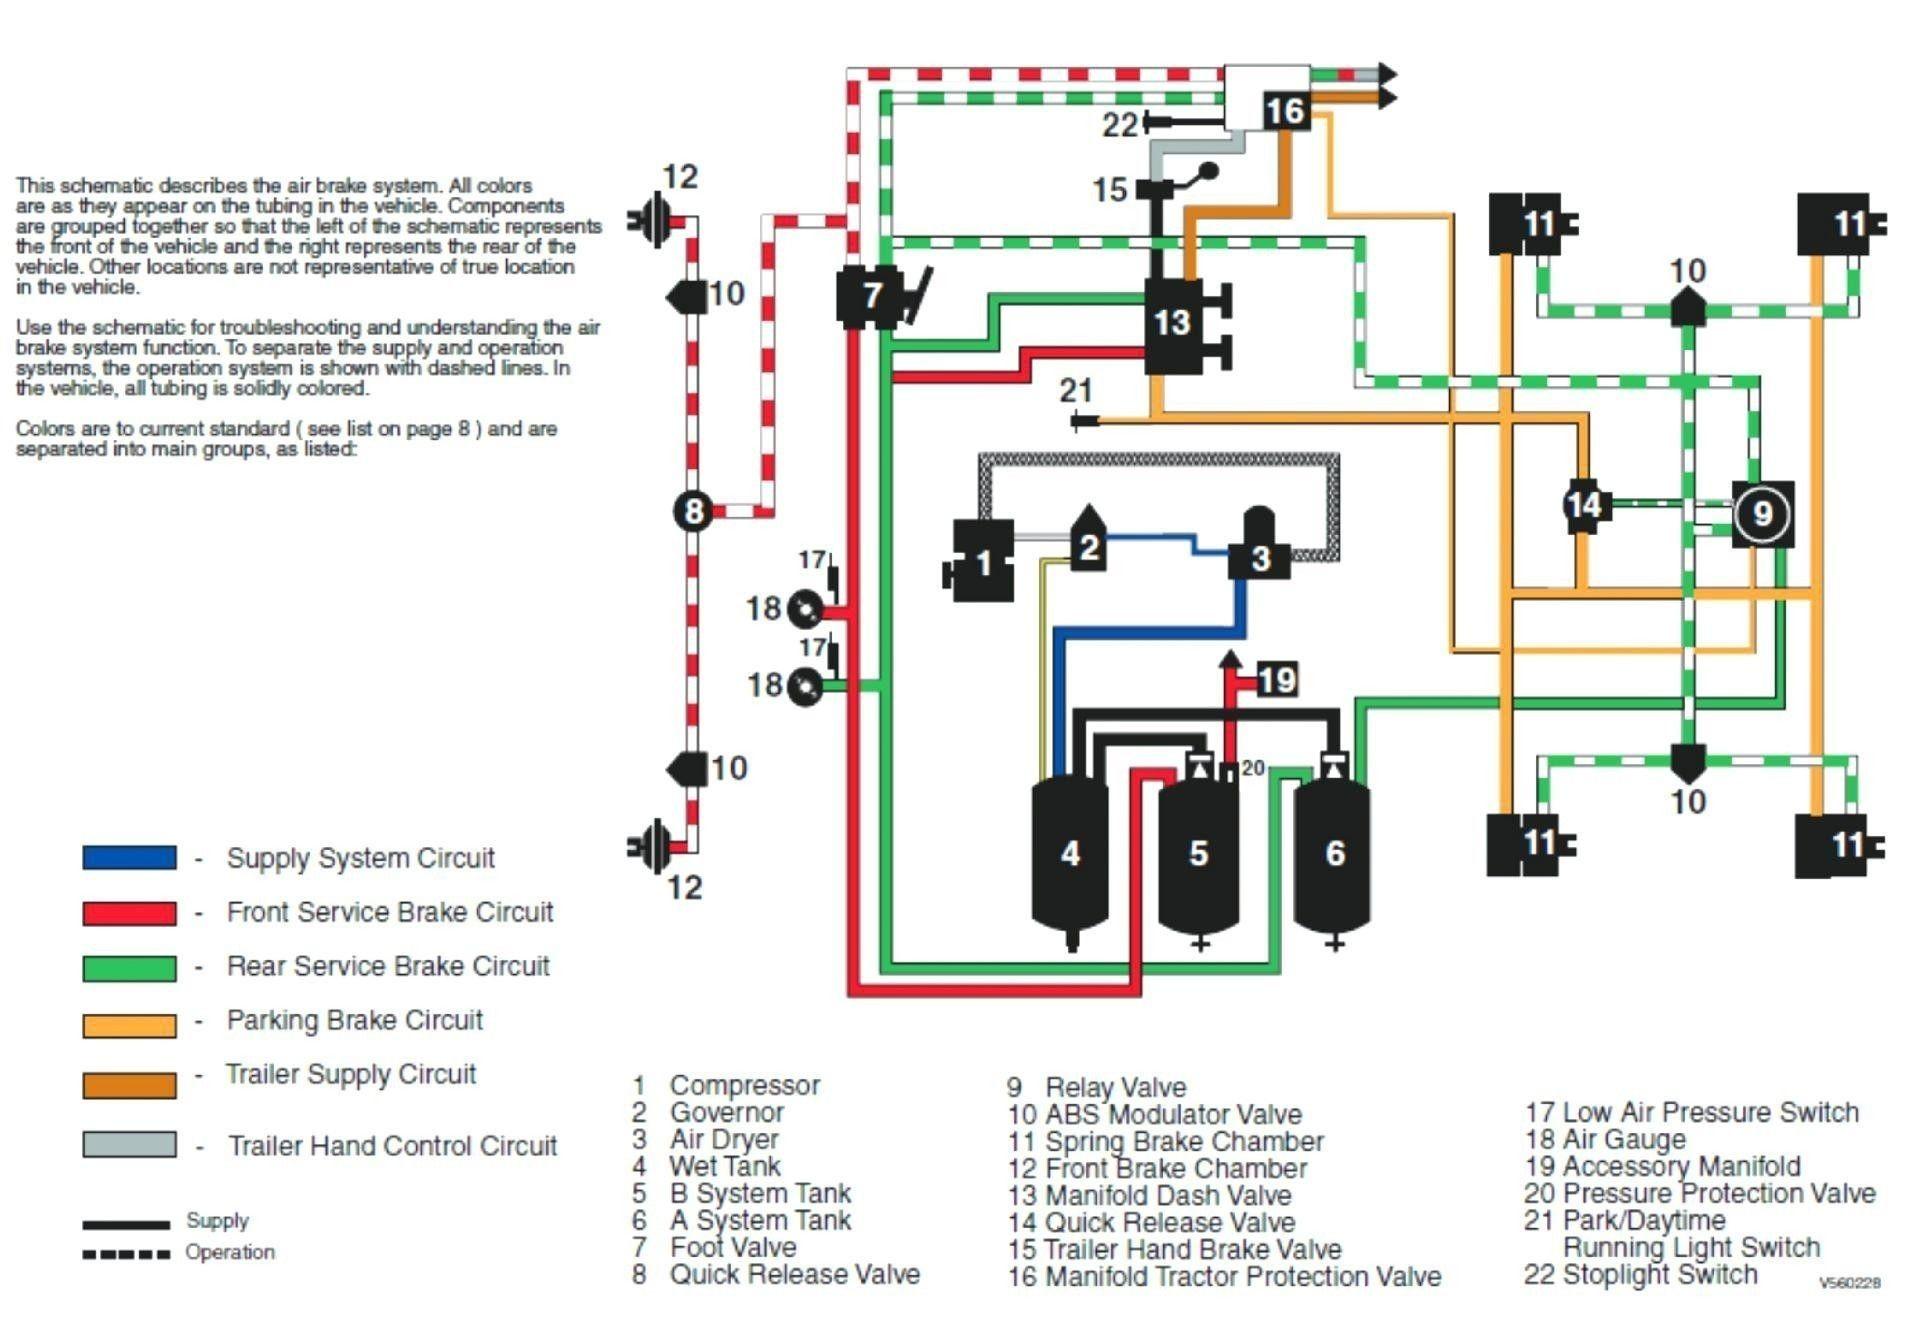 Bad Boy Buggies Wire Diagram Car Brake Wiring Diagram Of Bad Boy Buggies Wire Diagram